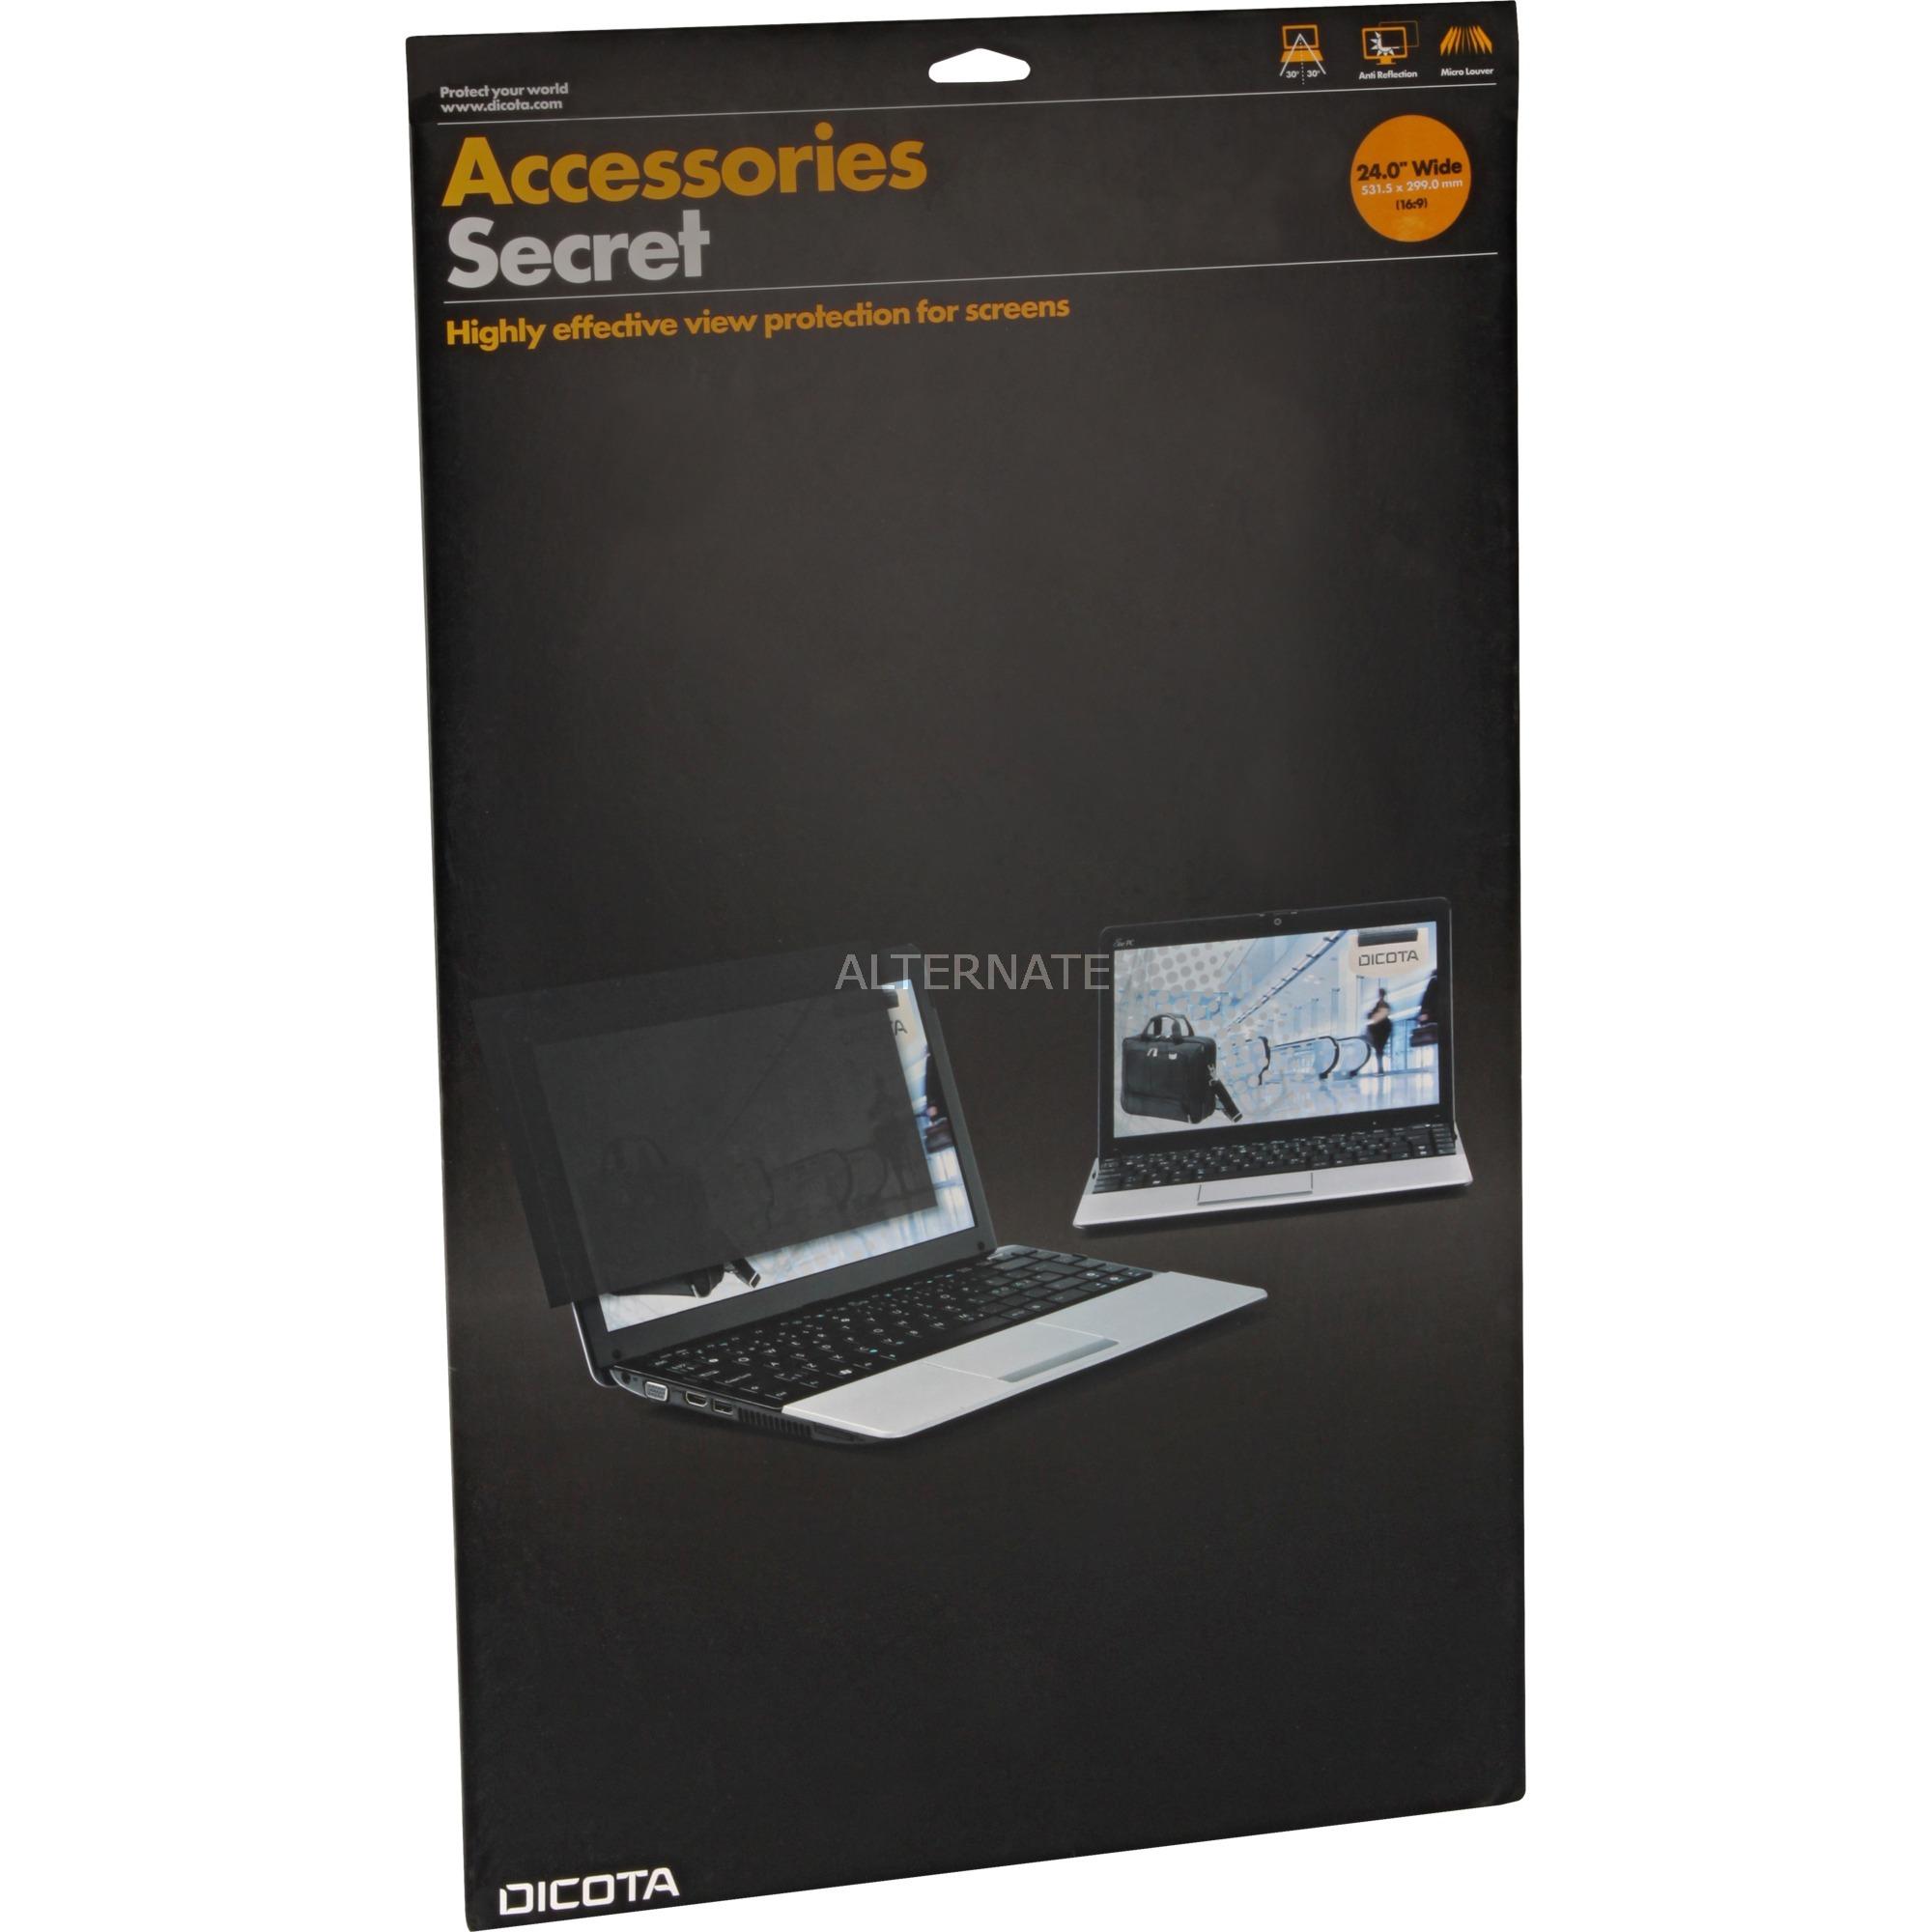 D30125 Anti-glare screen protector 1pieza(s) protector de pantalla, Privacidad